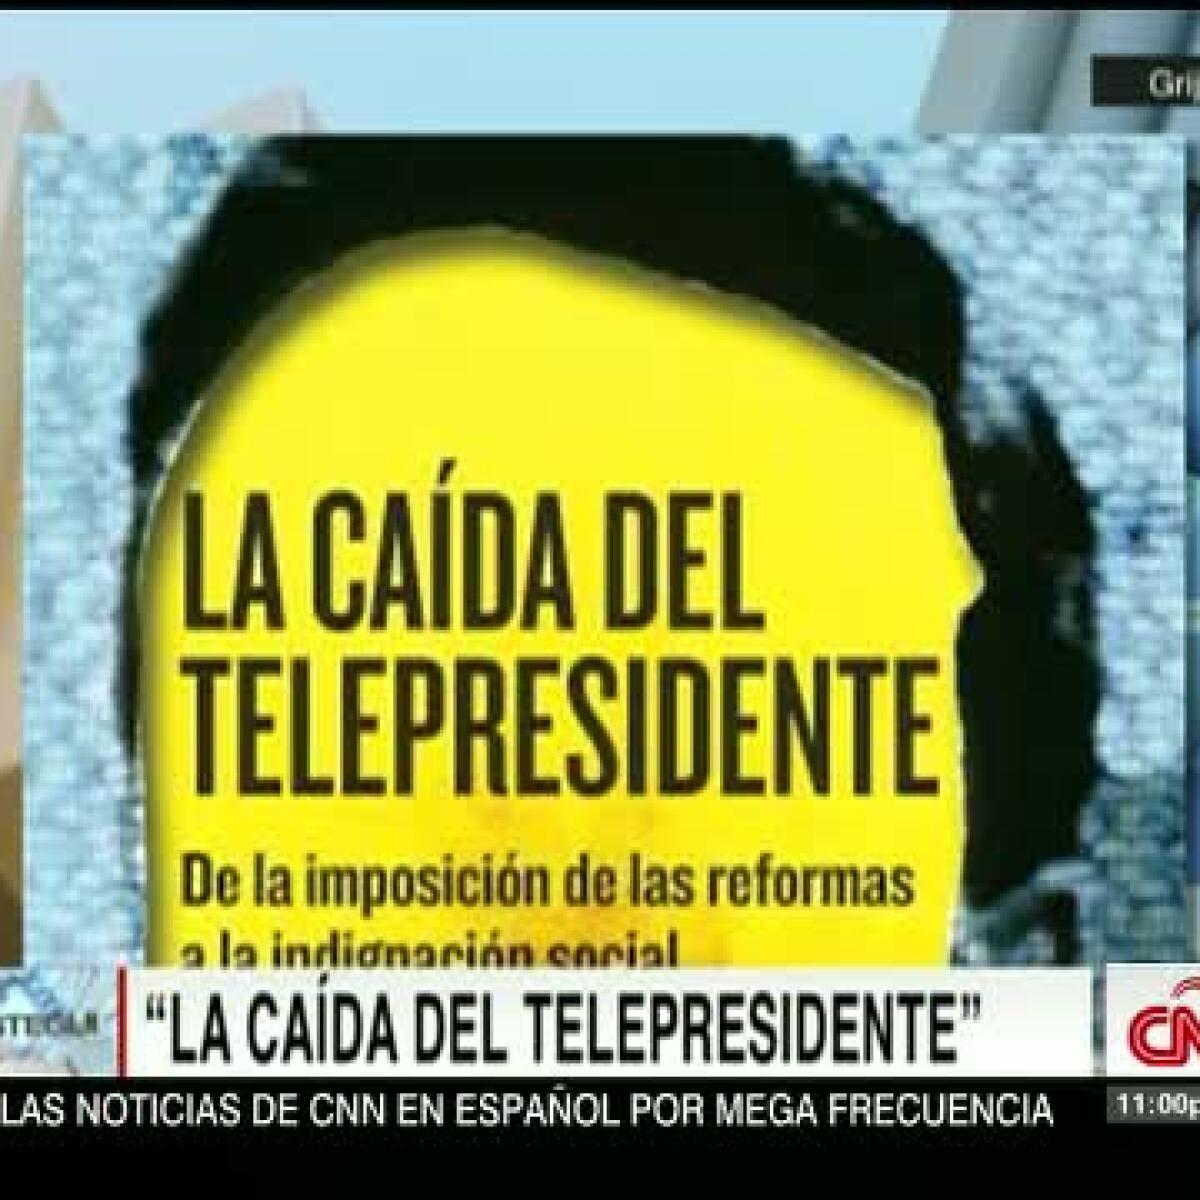 La caída del telepresidente, un libro de Villamil